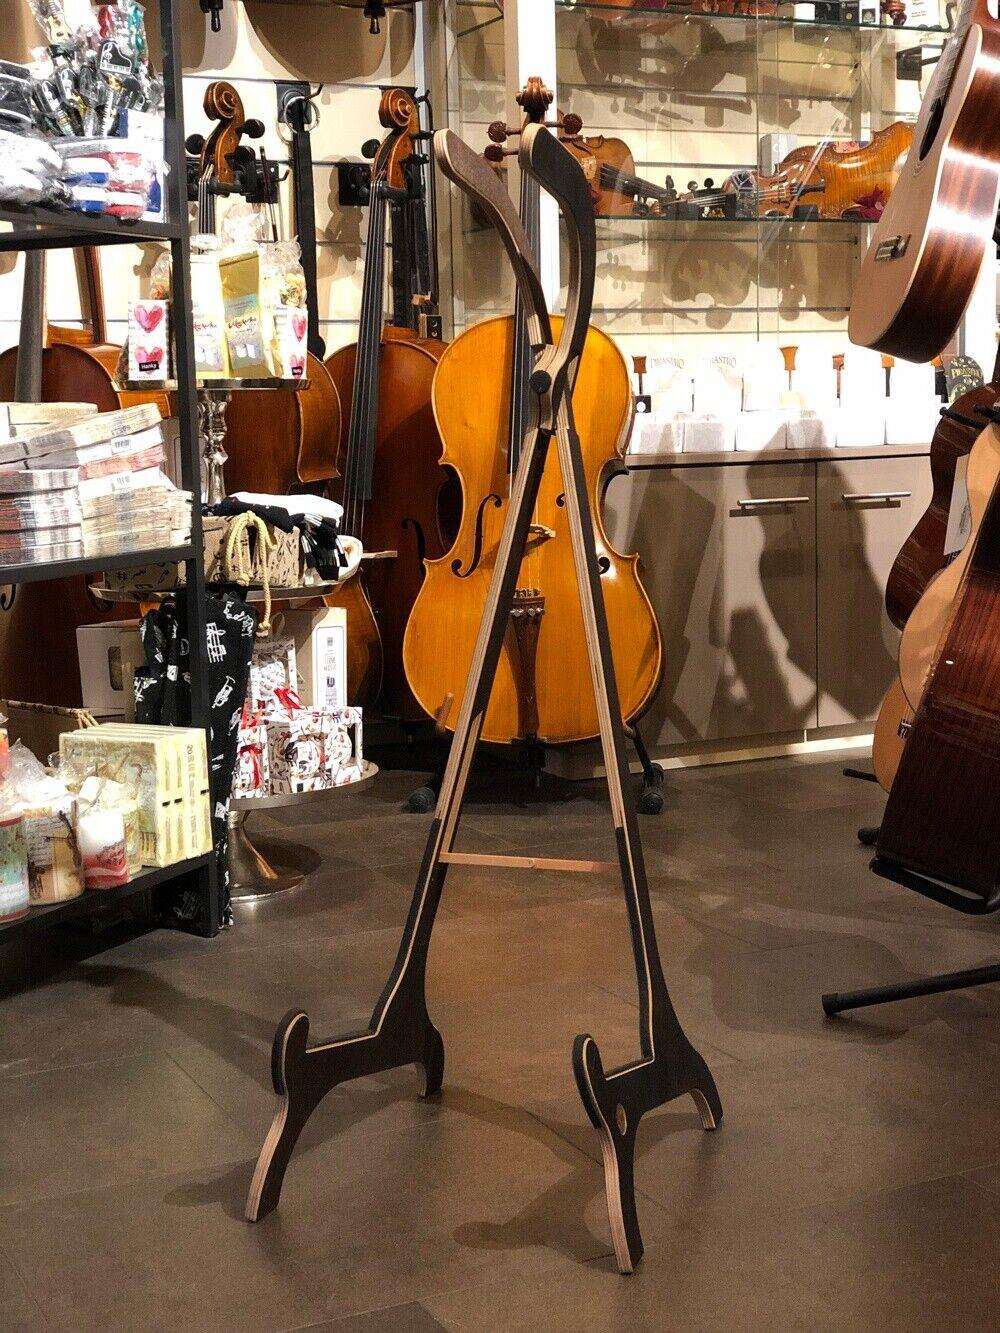 Kjk Soporte Cello, Soporte para Violonchelo, Violonchelo Stand